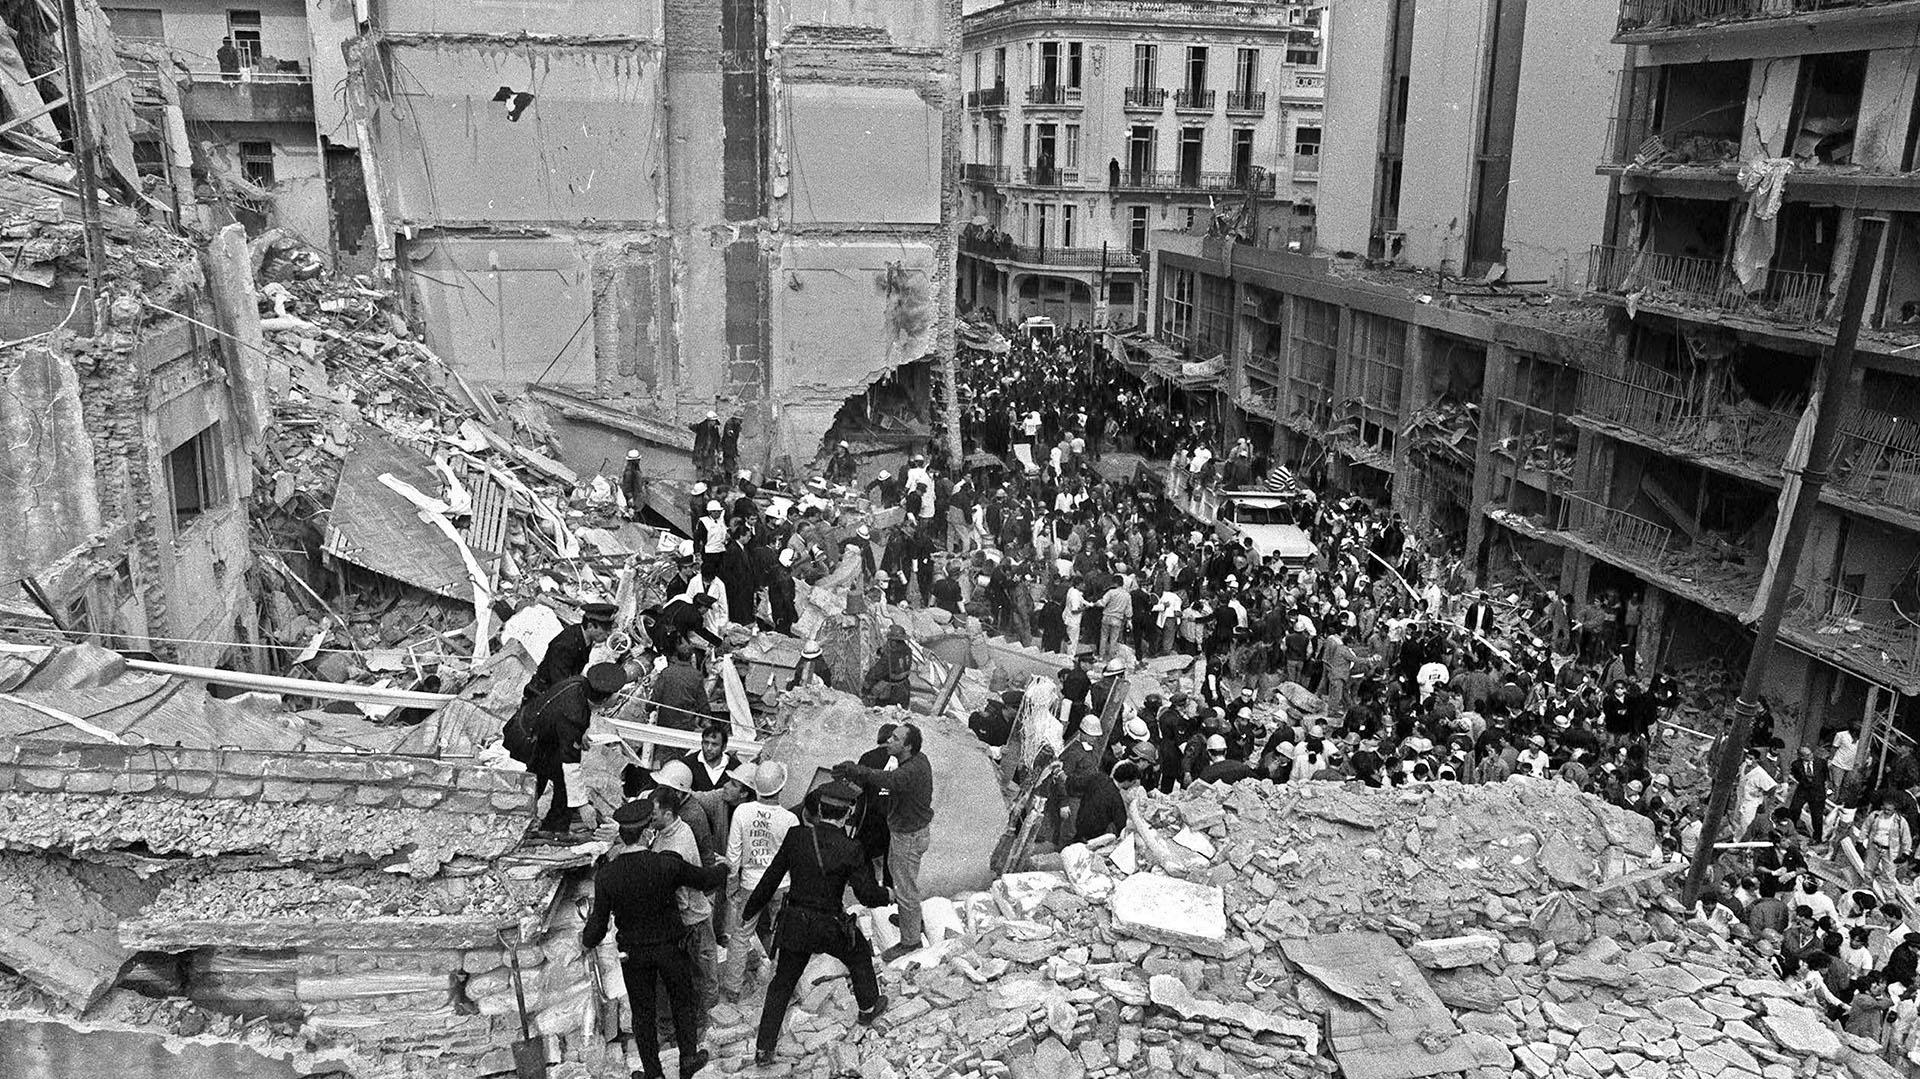 Los alrededores de la sede también se vieron afectados por la explosión (AFP)